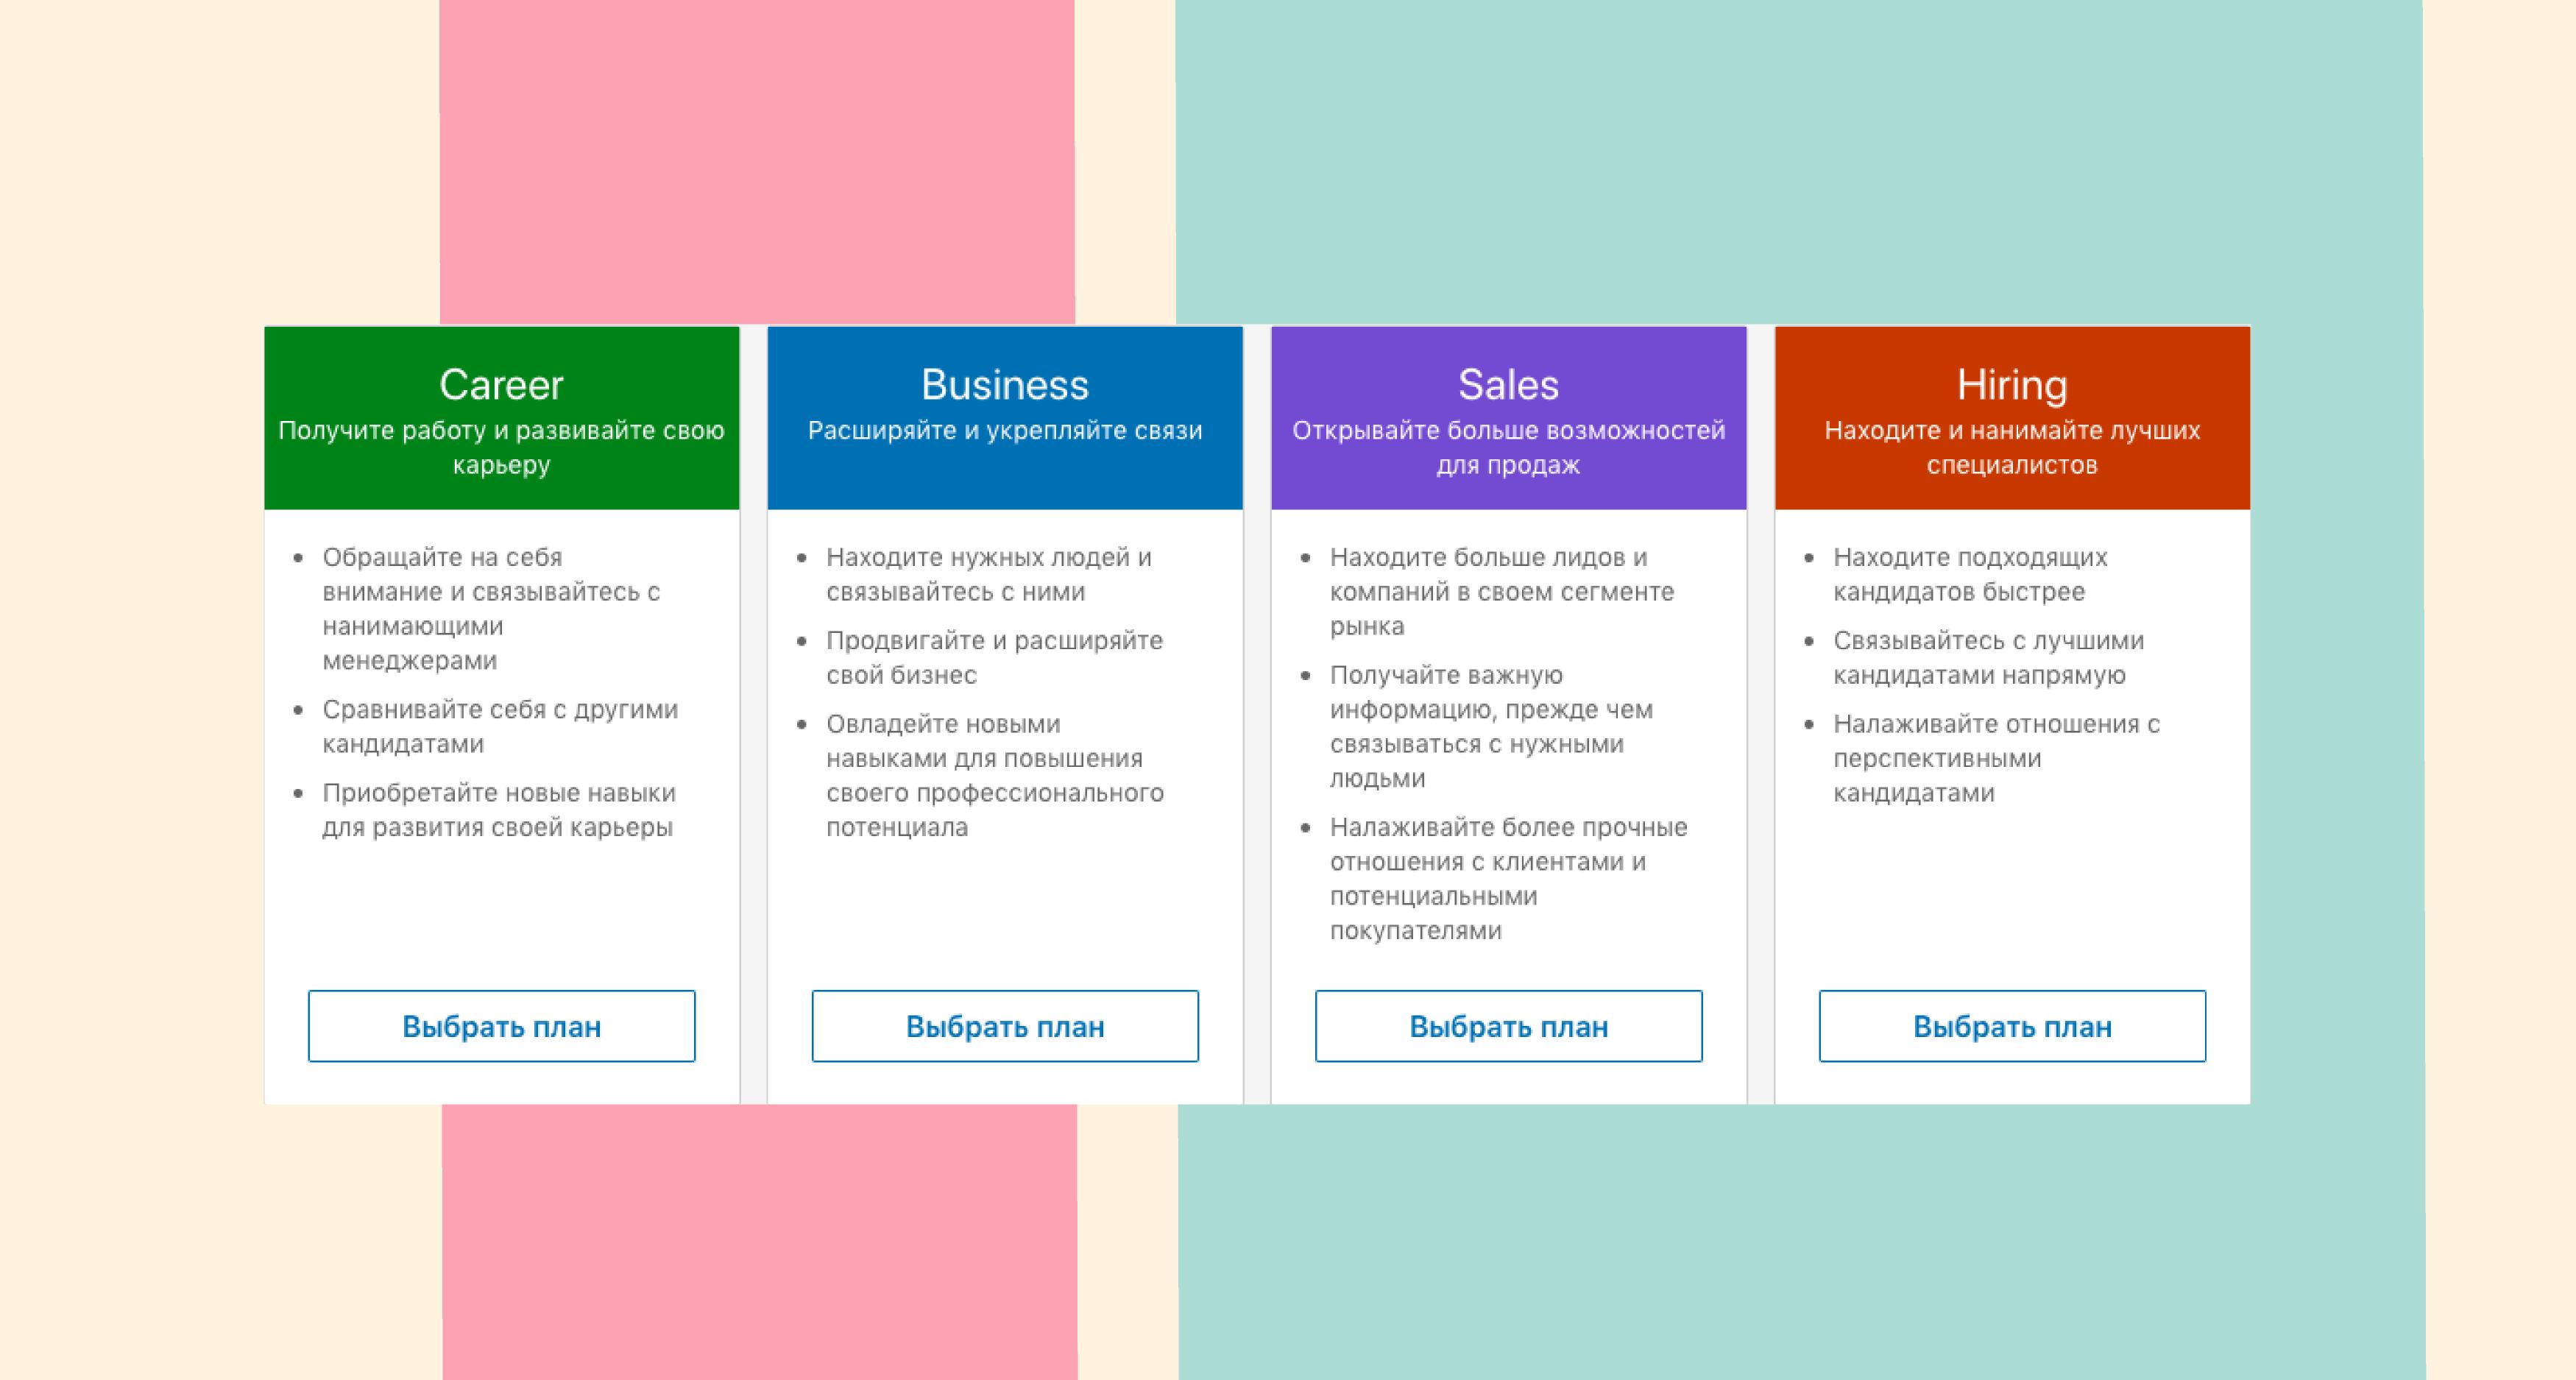 Как подход «Jobs To Be Done» помогает  создавать и дорабатывать продукты 5